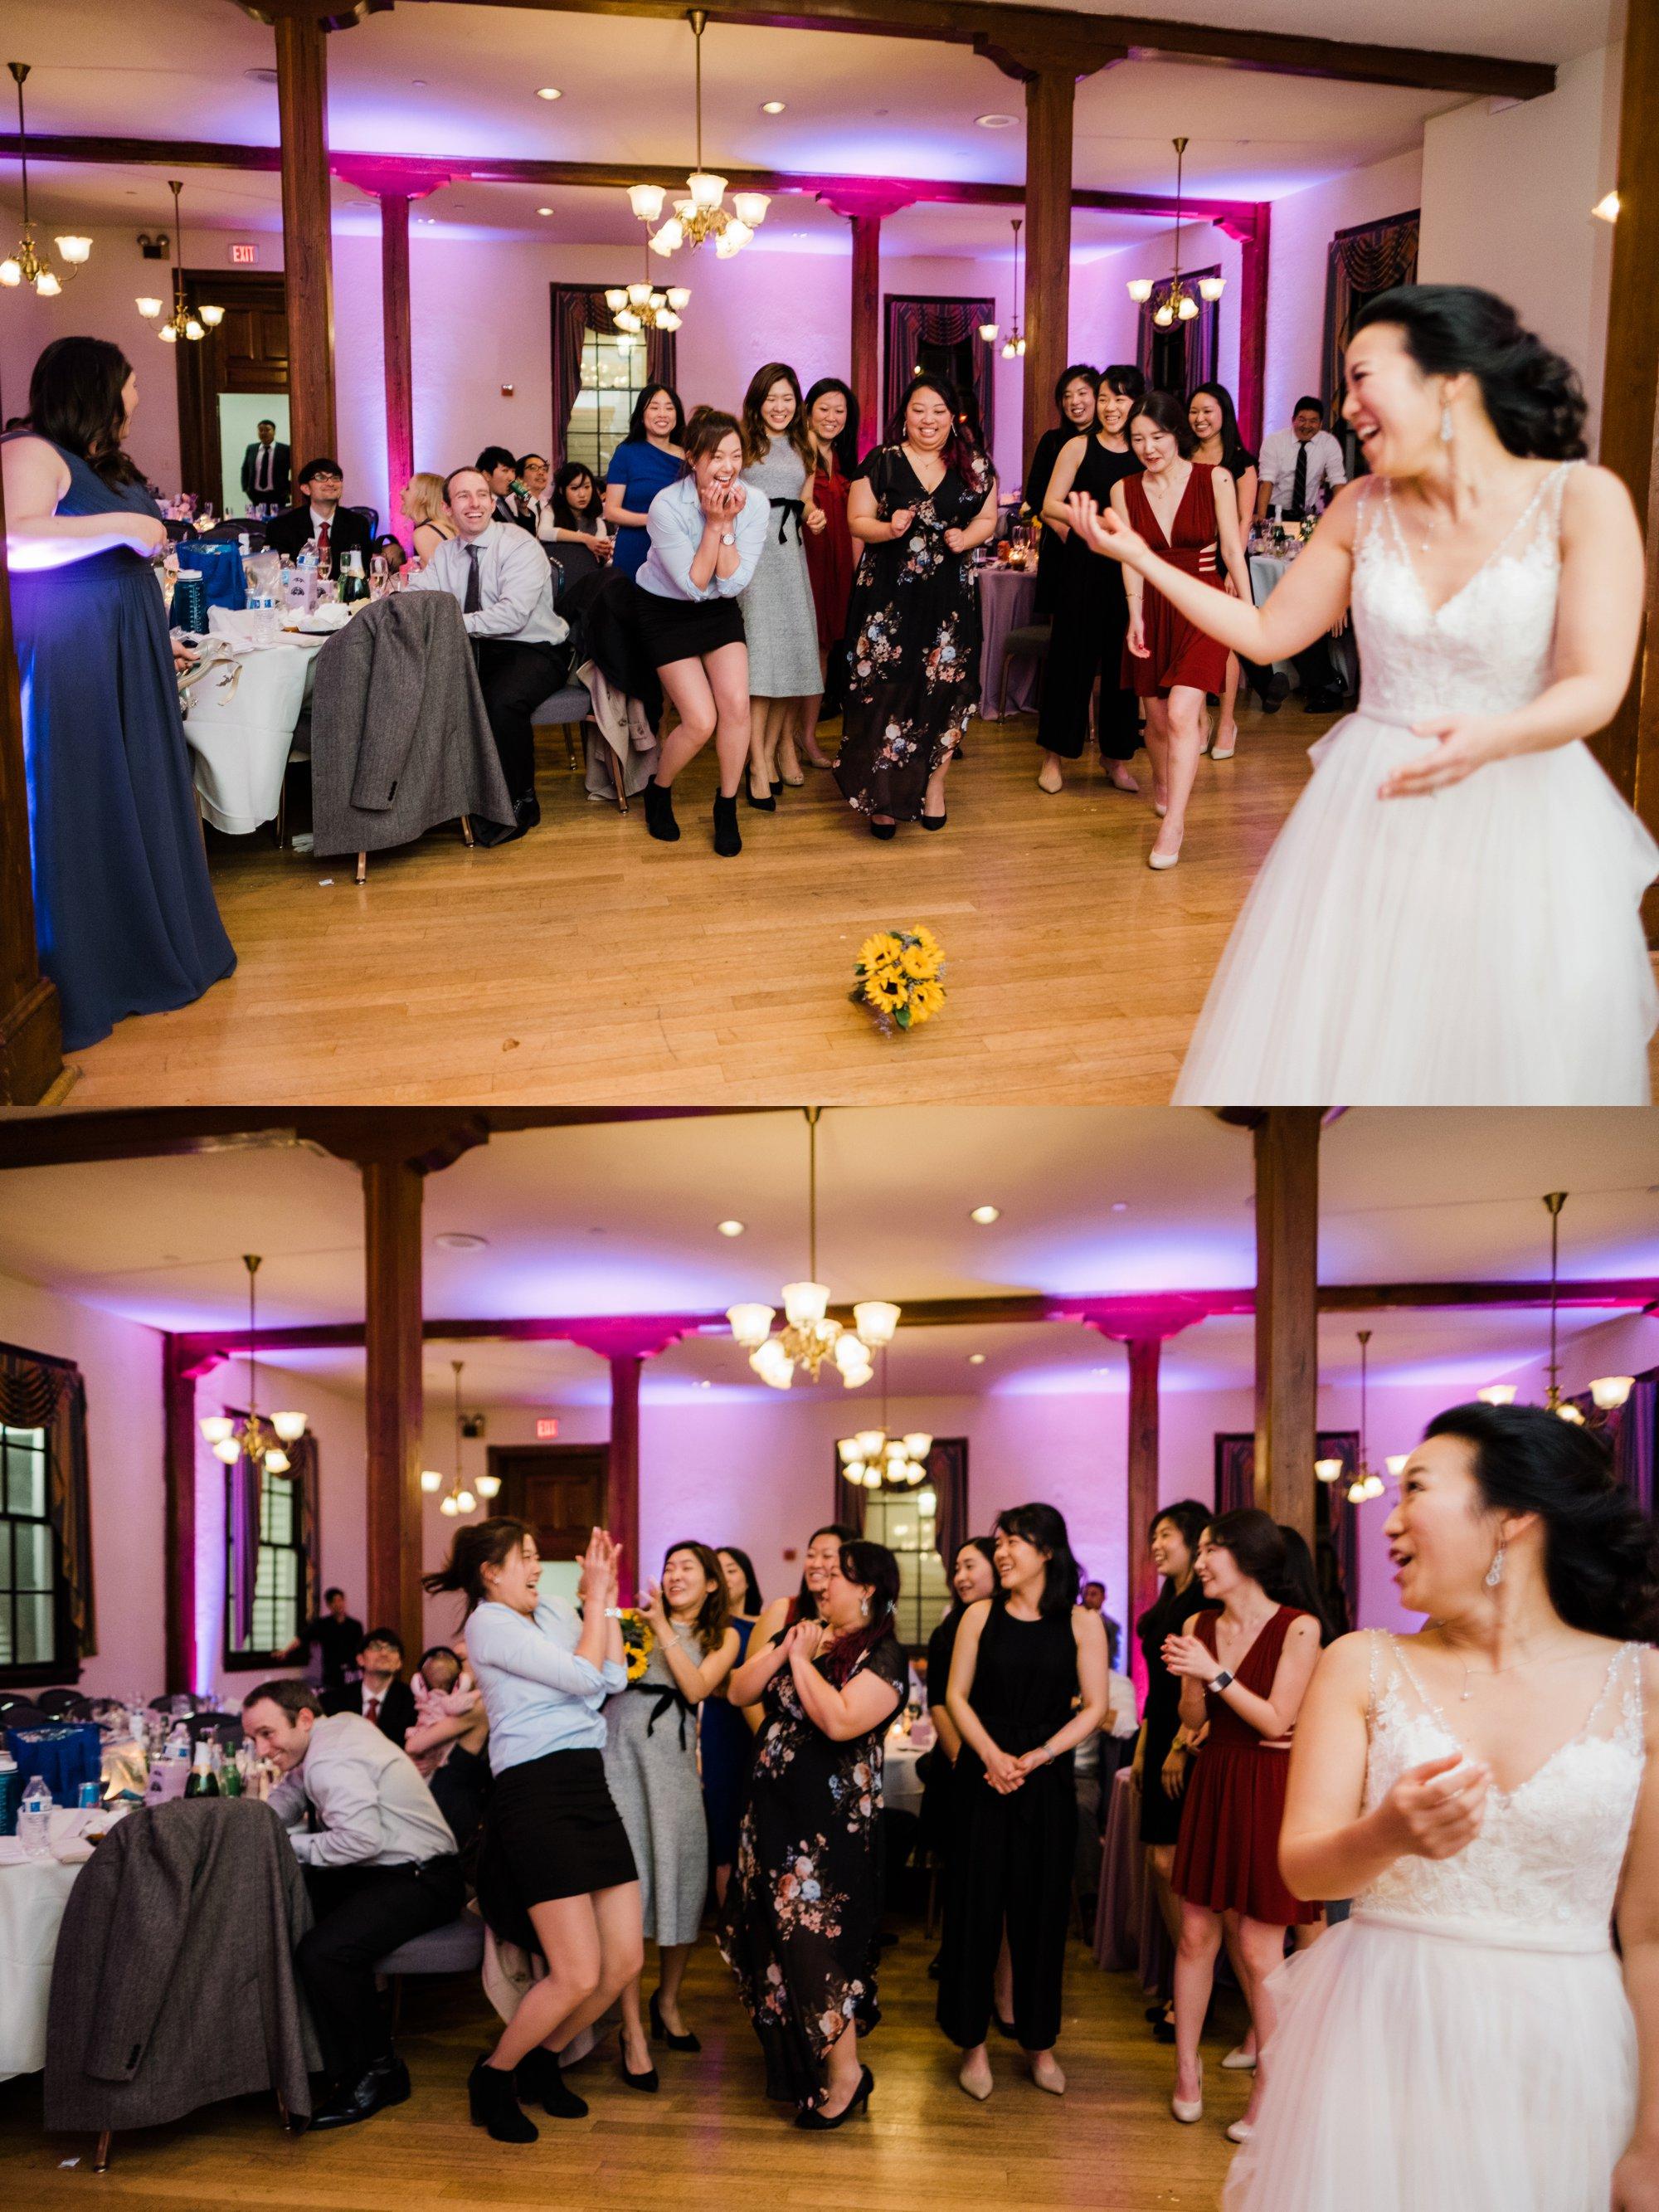 fairfax-dc-wedding-old-city-hall_0172.jpg